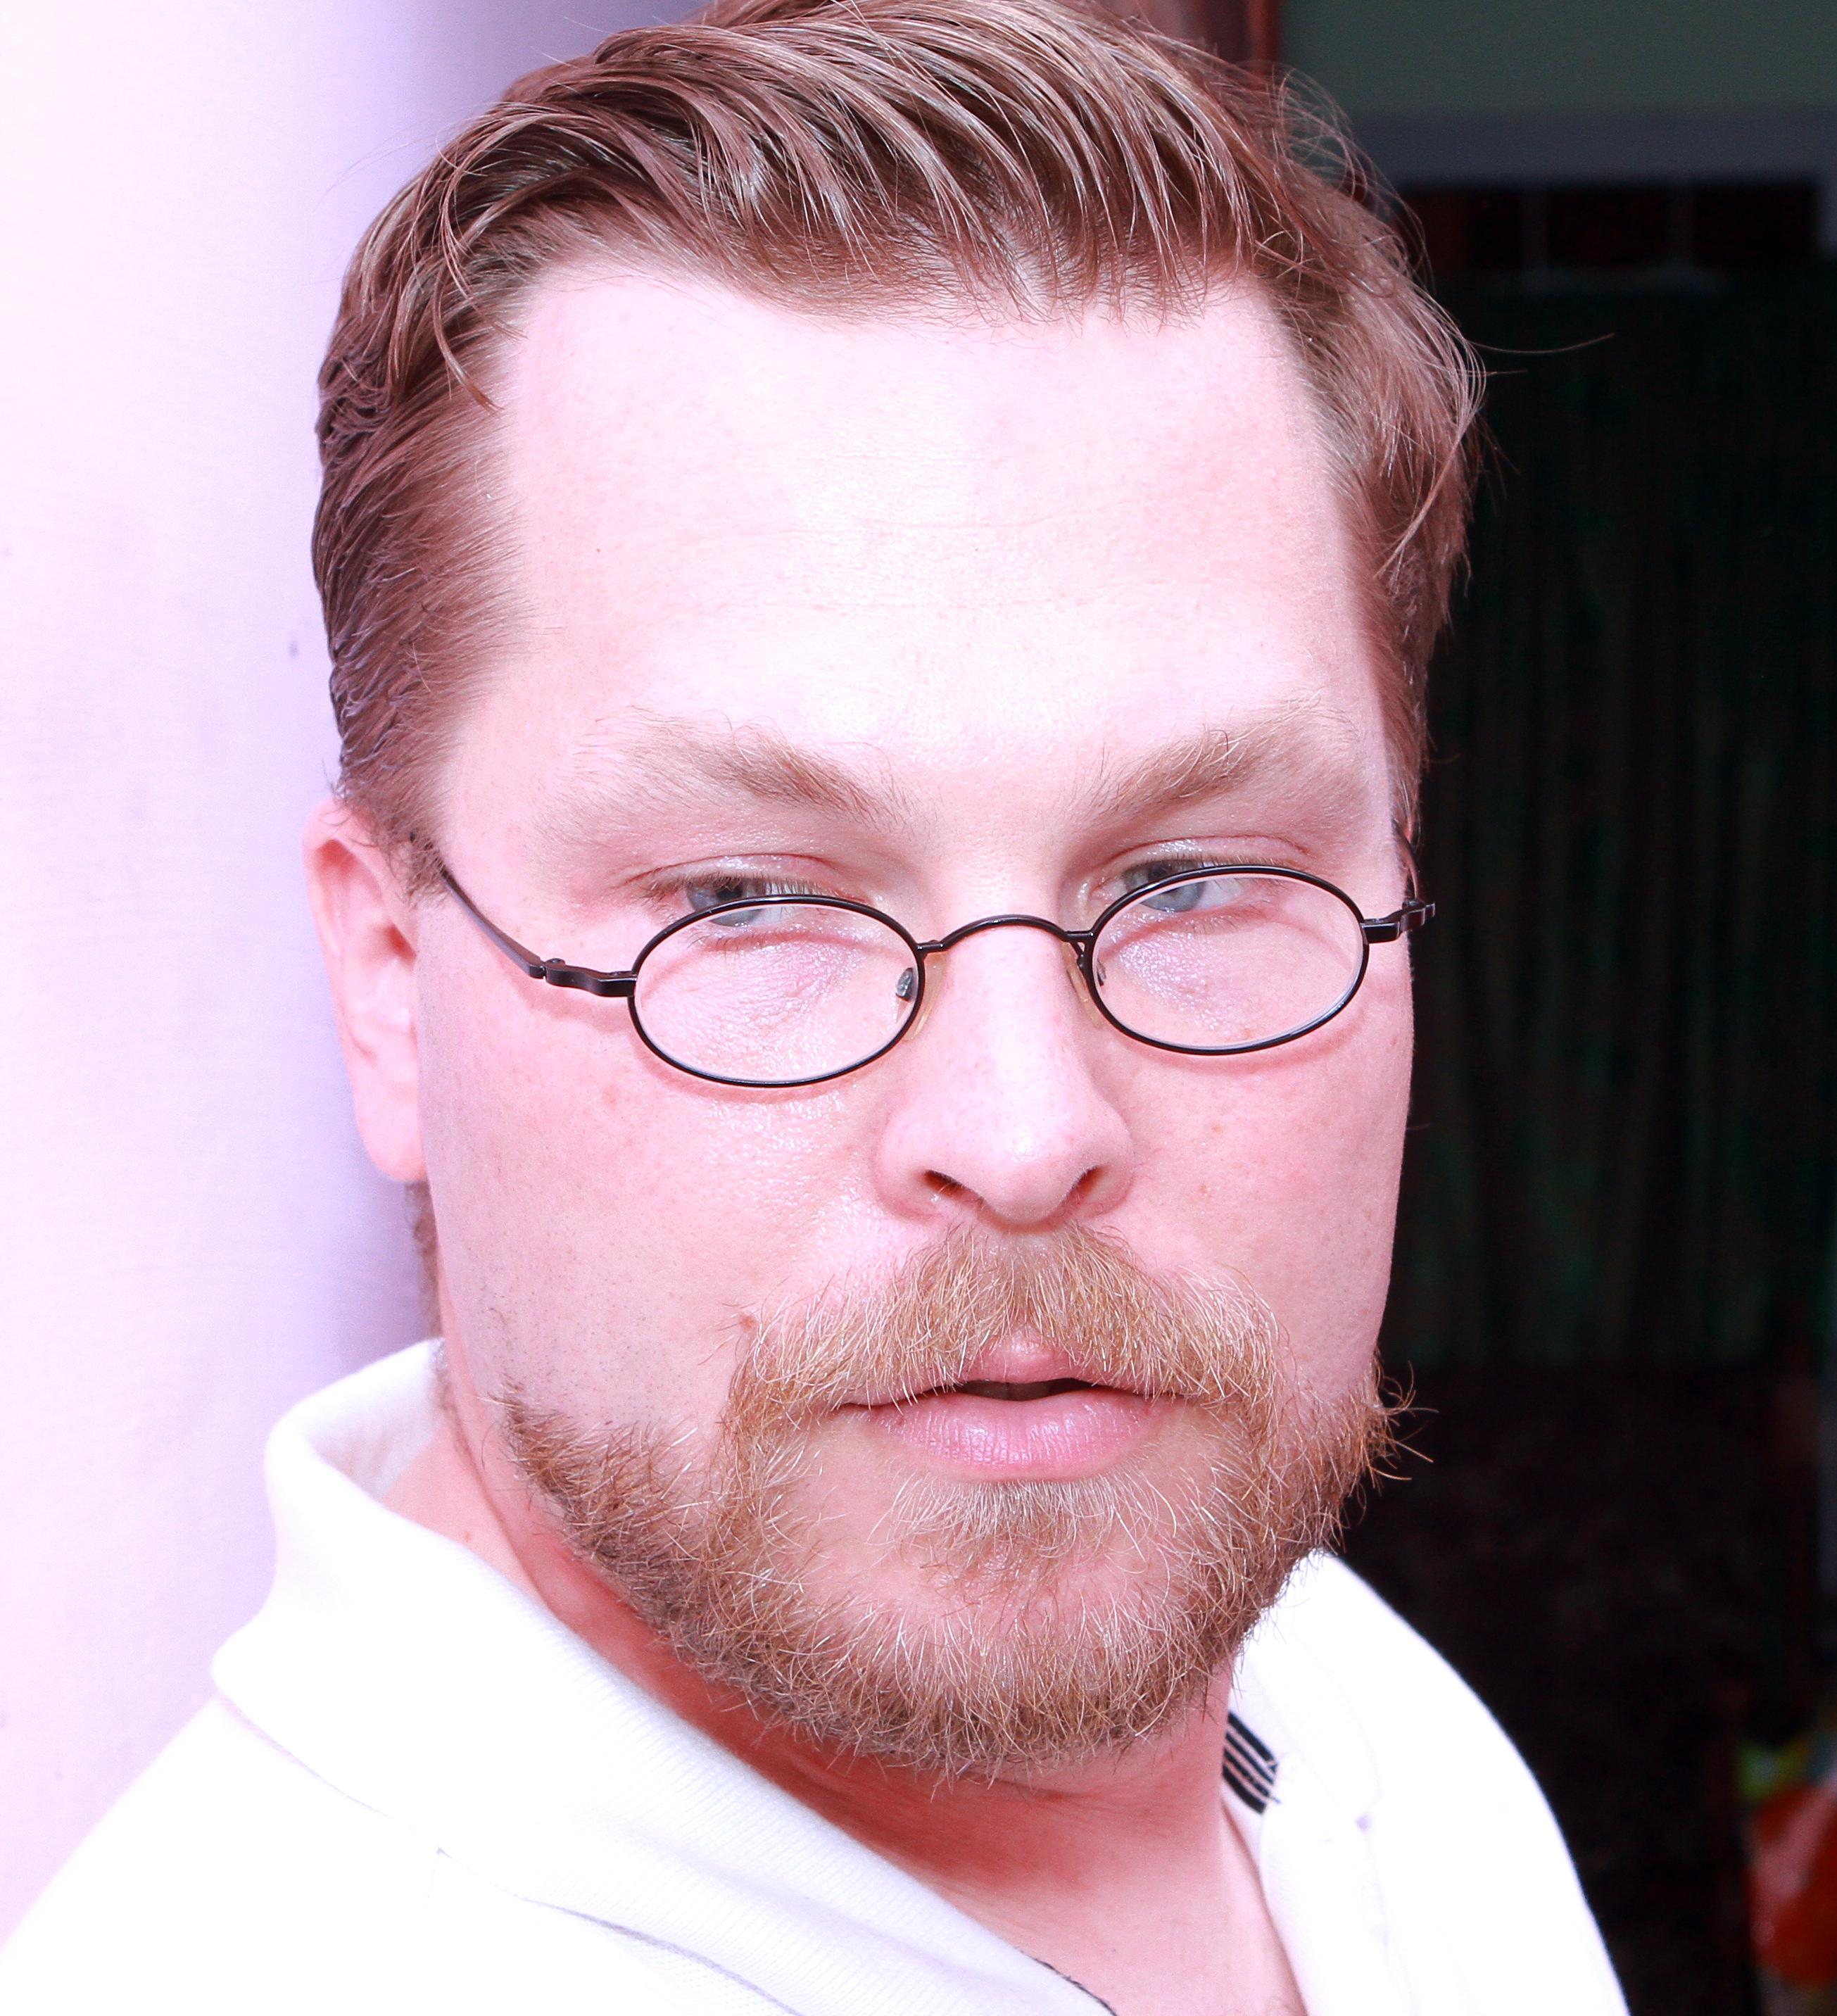 Dr. Timm Schneider